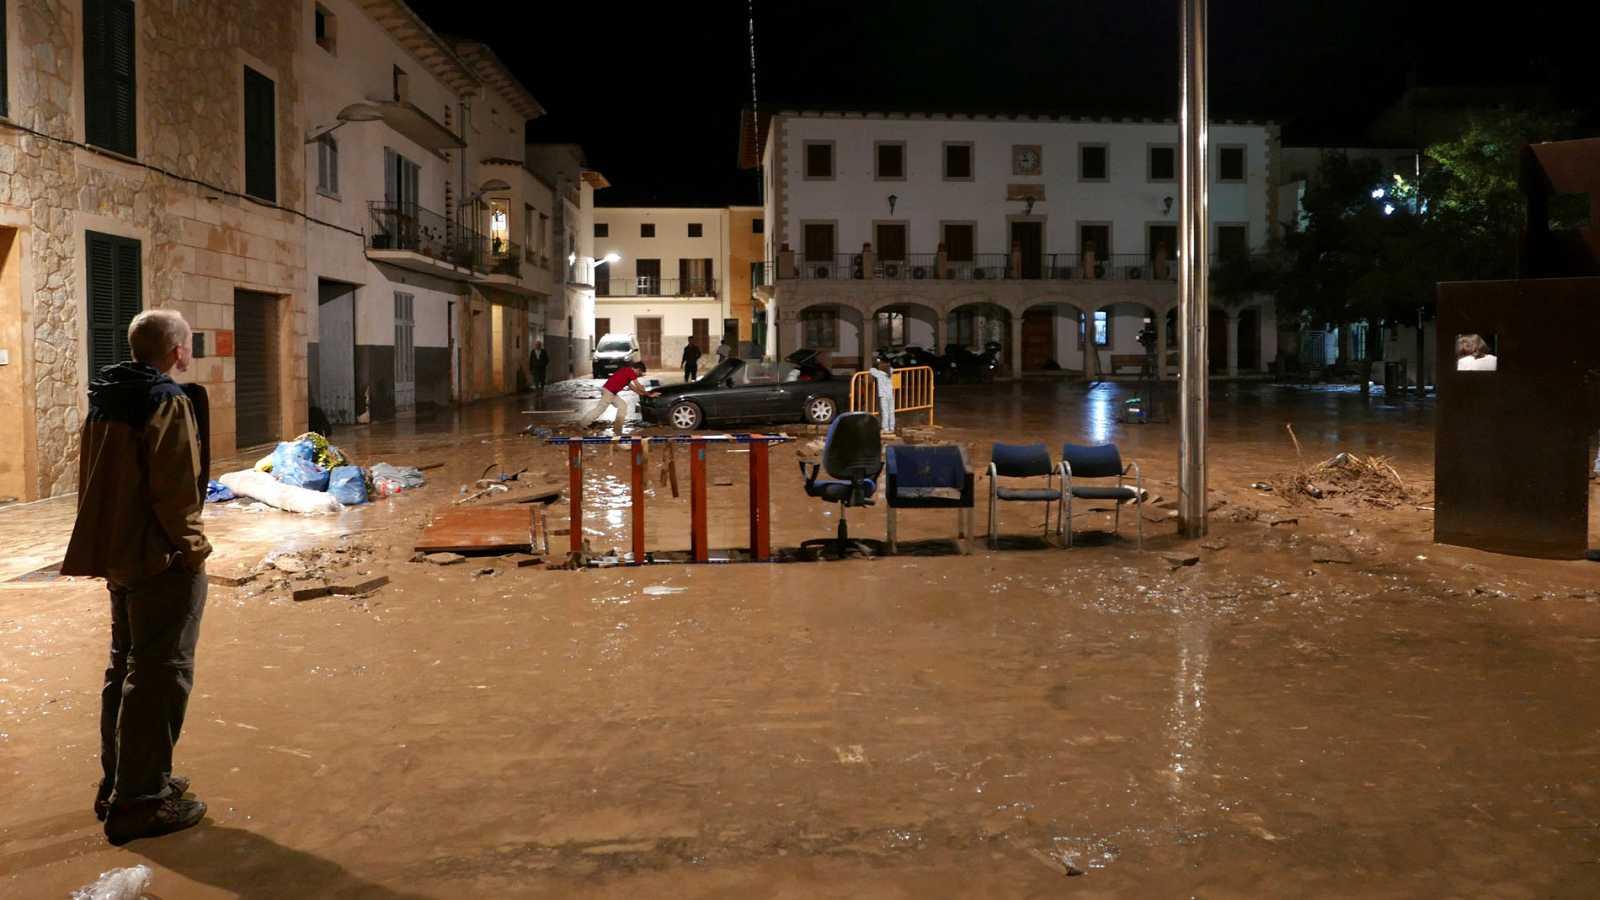 Sigue la búsqueda del menor desaparecido en Mallorca